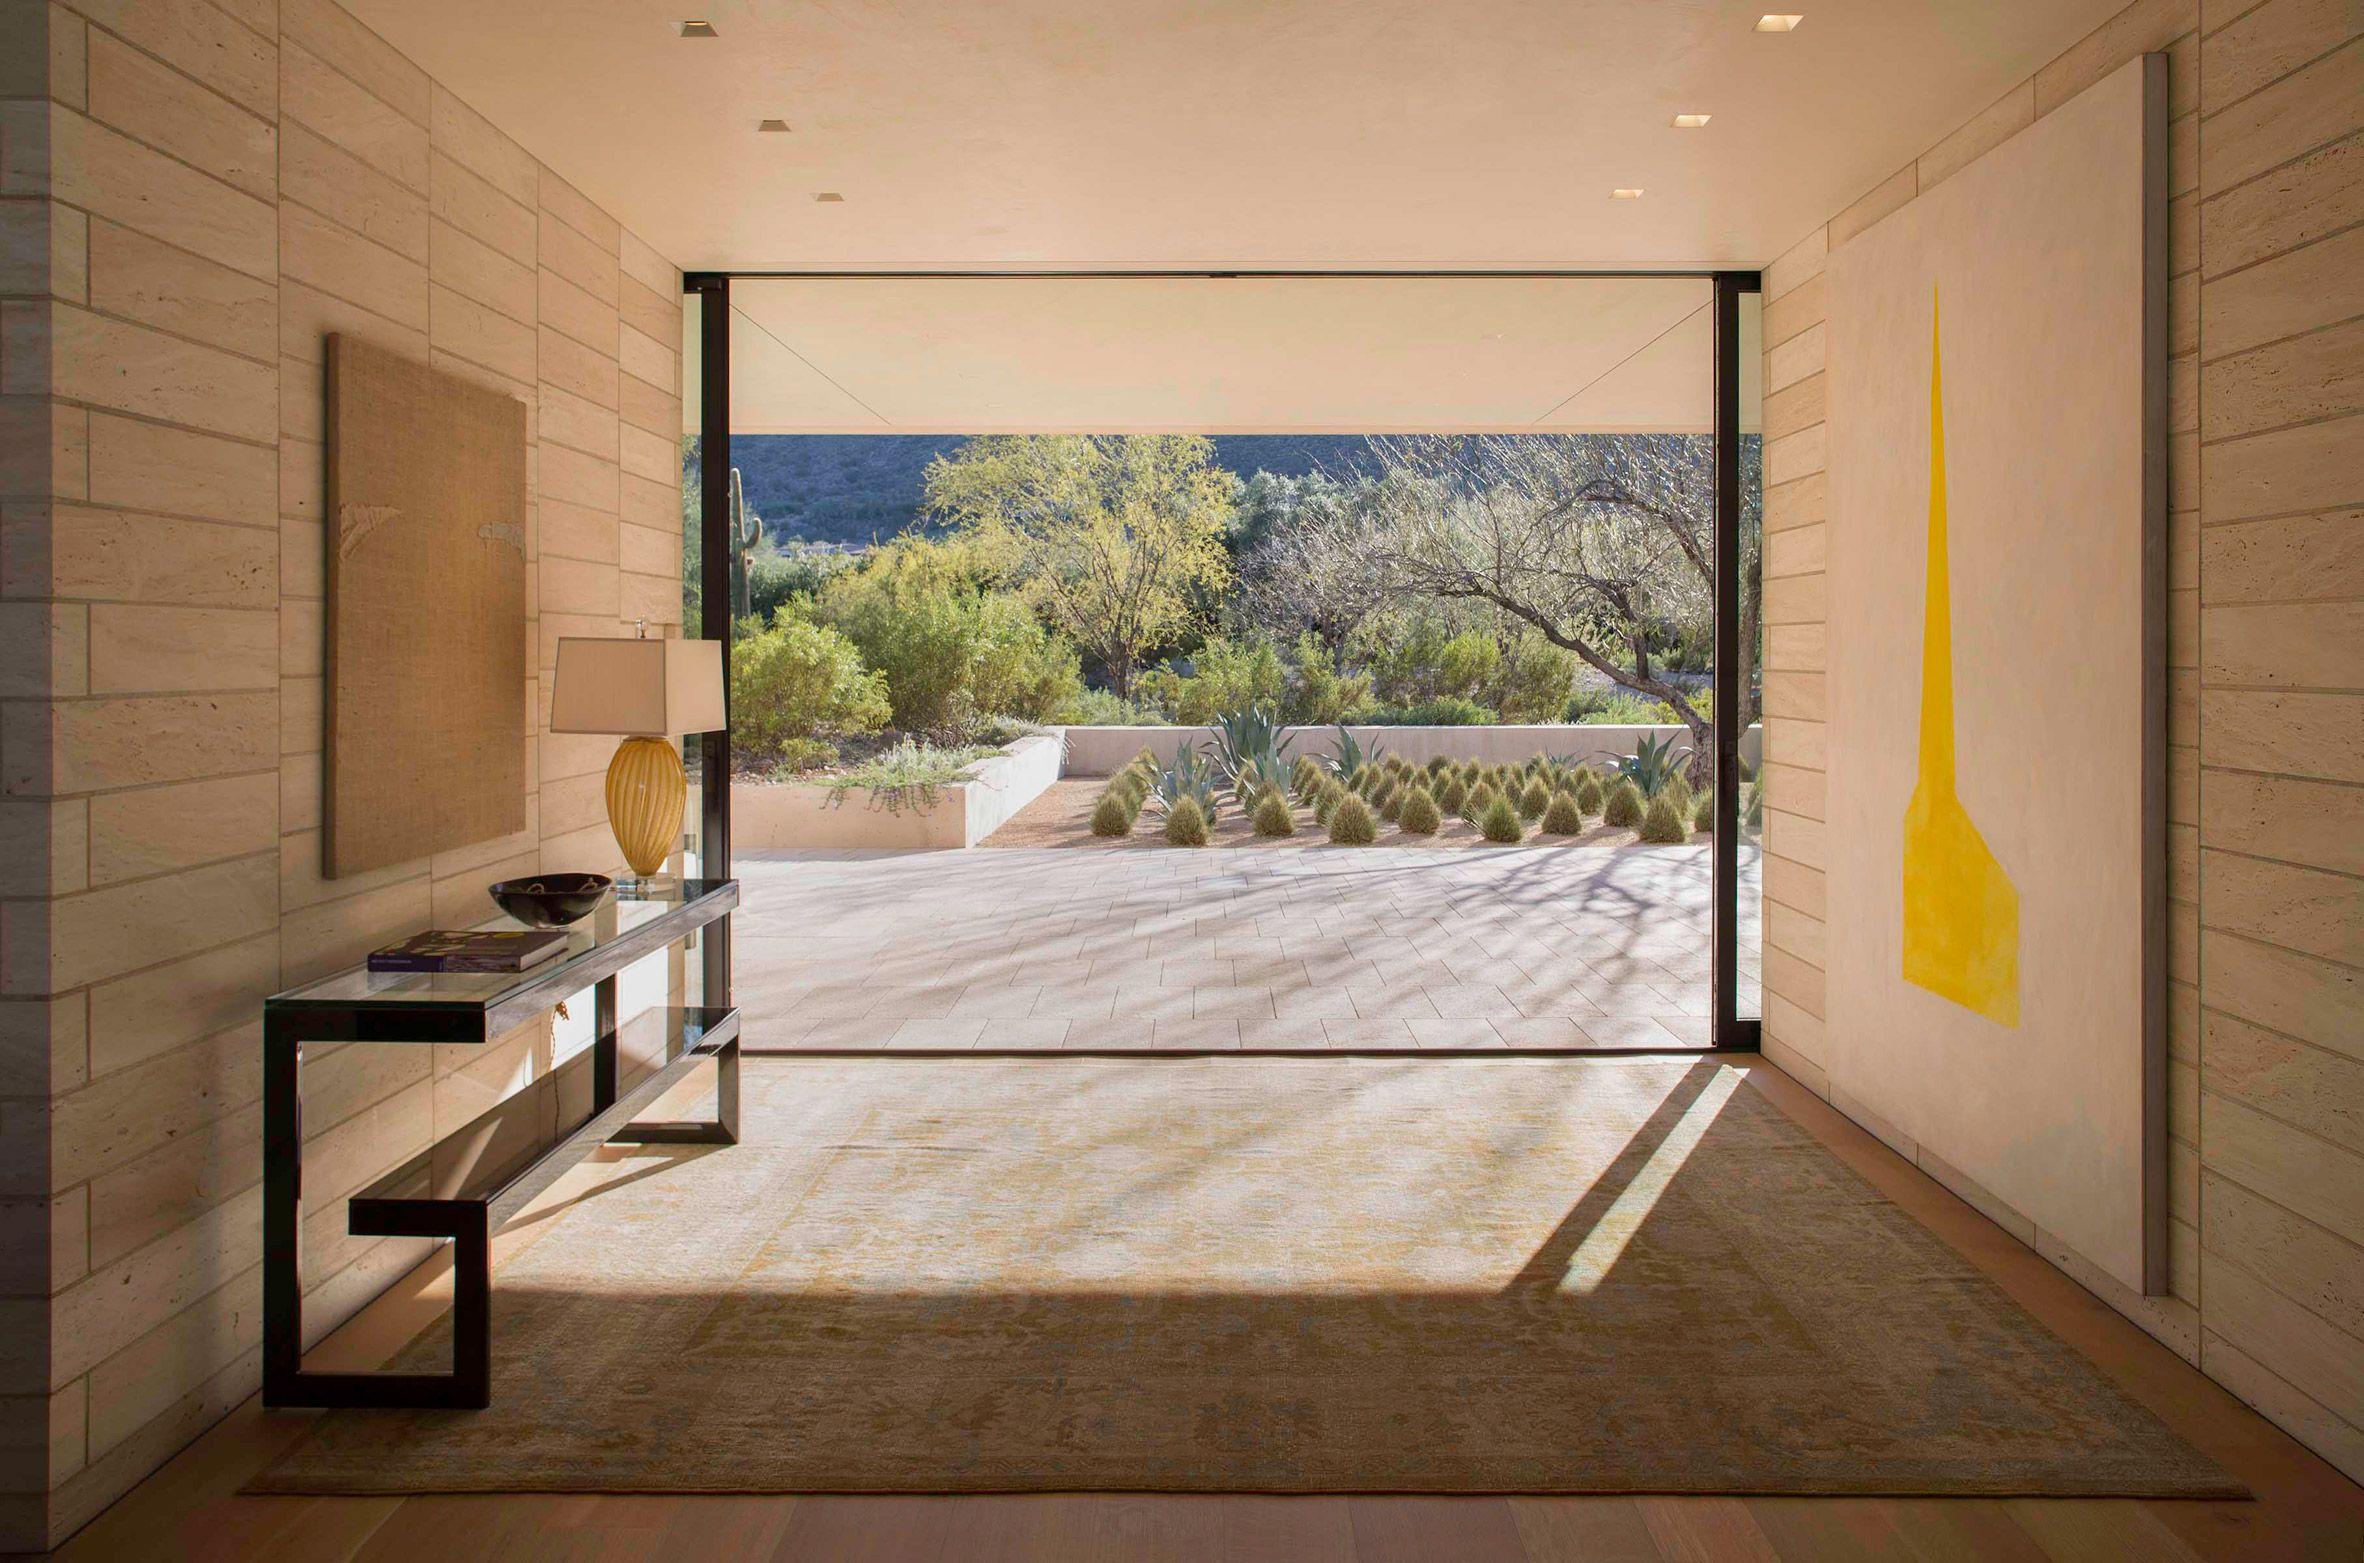 Stone Court Villa by Masa Studio Architects | Interior ... on desert small homes, desert modern homes, desert dome homes, desert pool homes, desert sustainable homes,